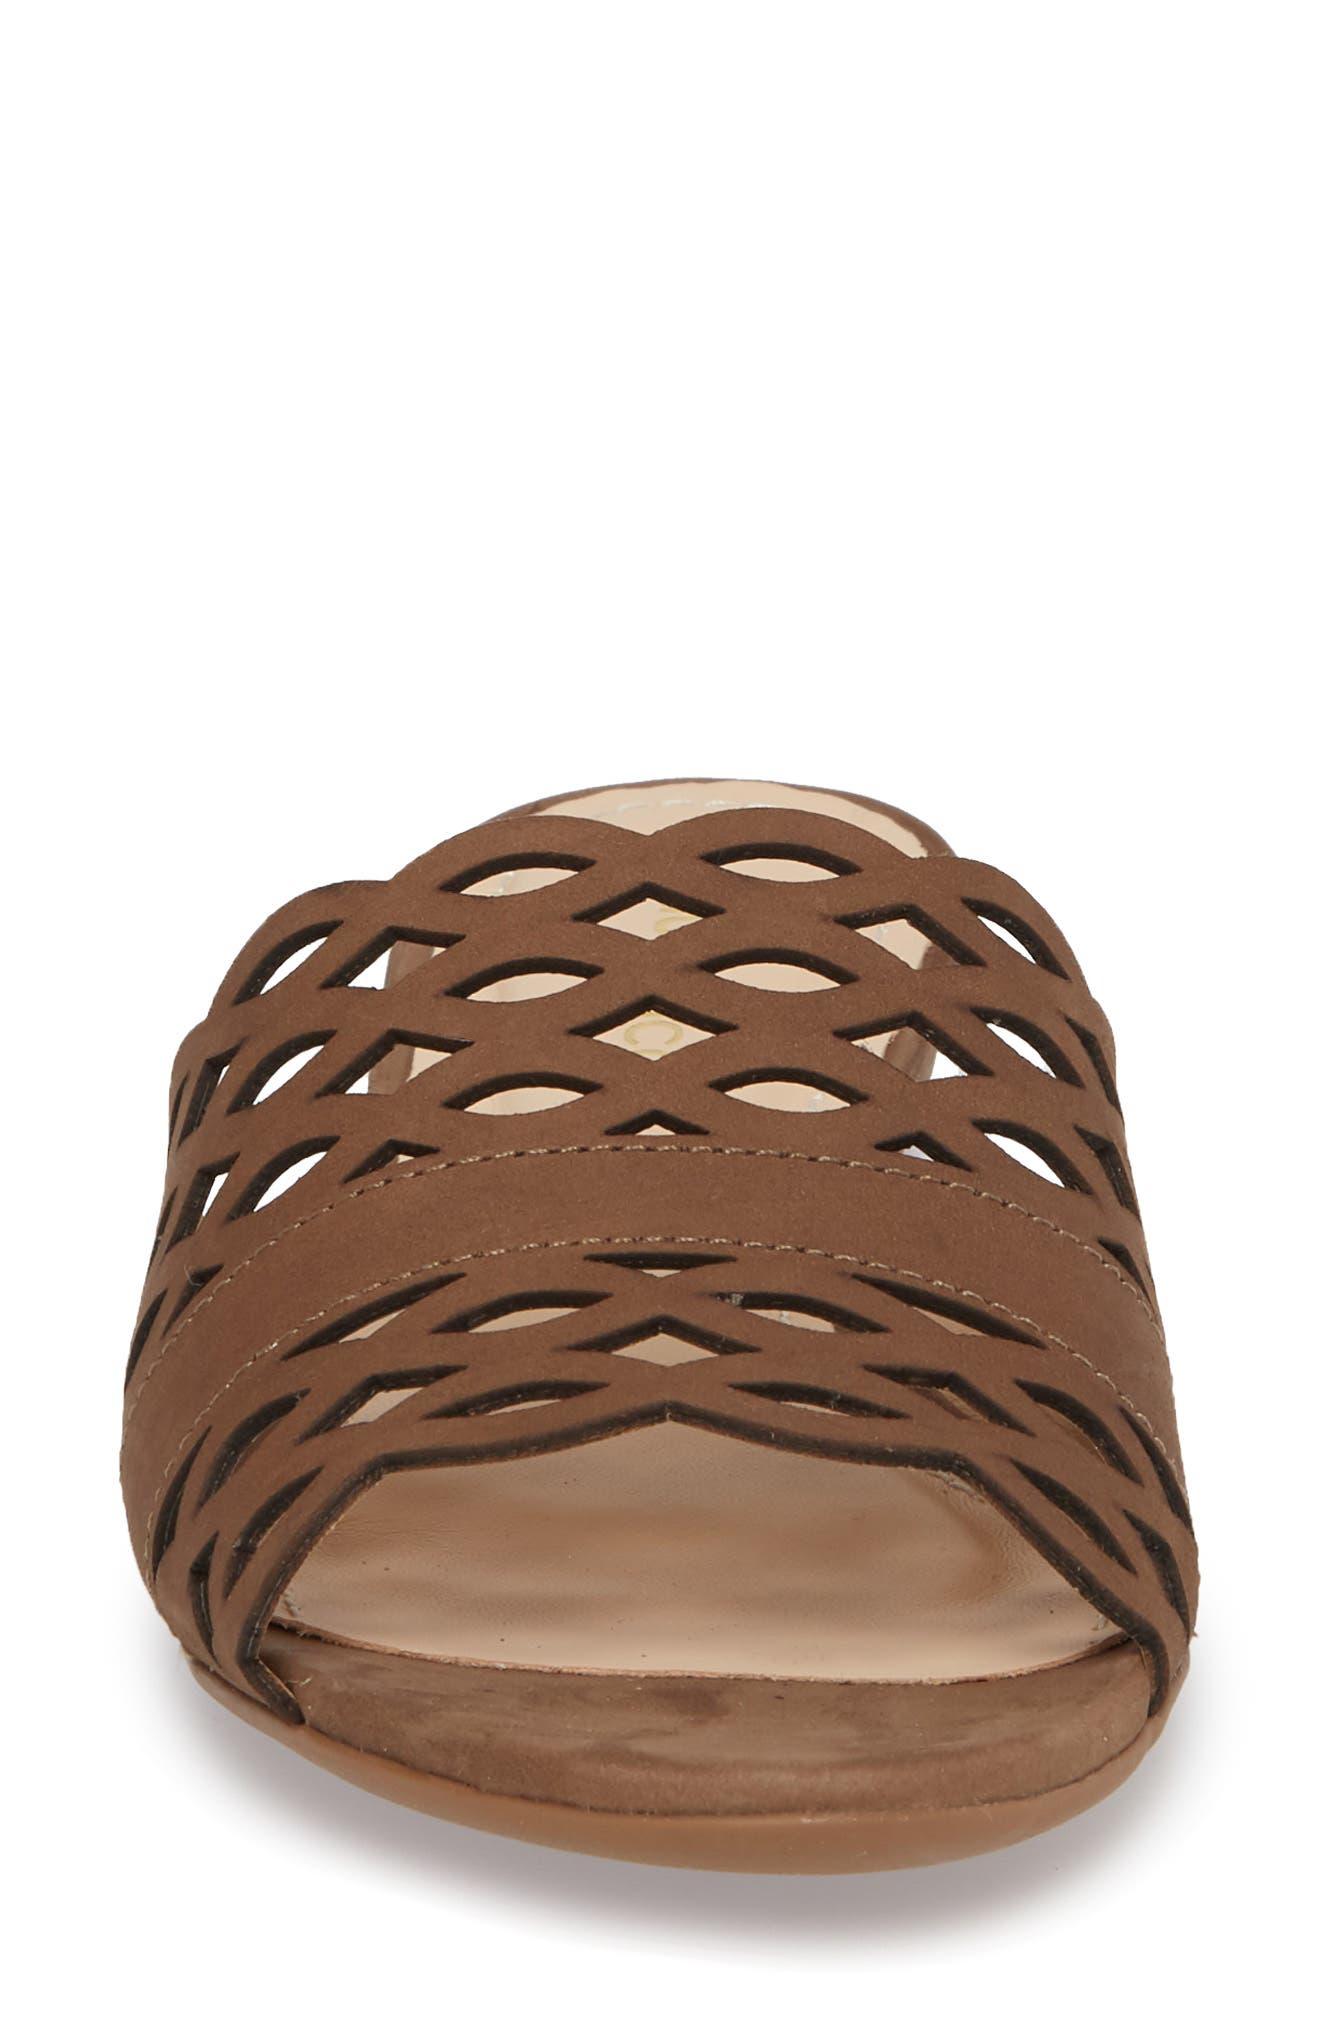 Gynne Slide Sandal,                             Alternate thumbnail 4, color,                             Truffle Leather